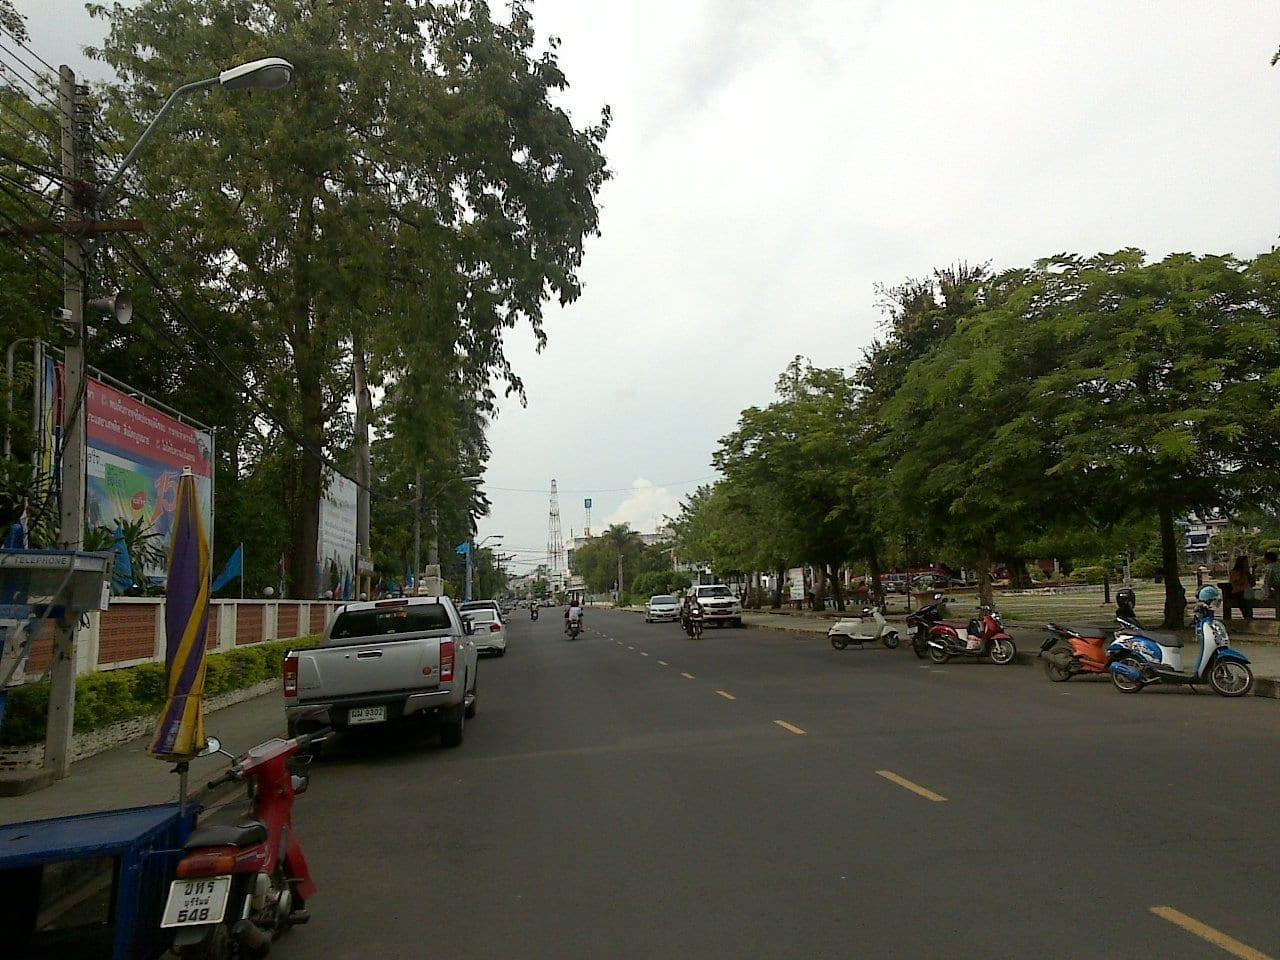 La calle Romburi, un paseo por la noche Buriram Tailandia